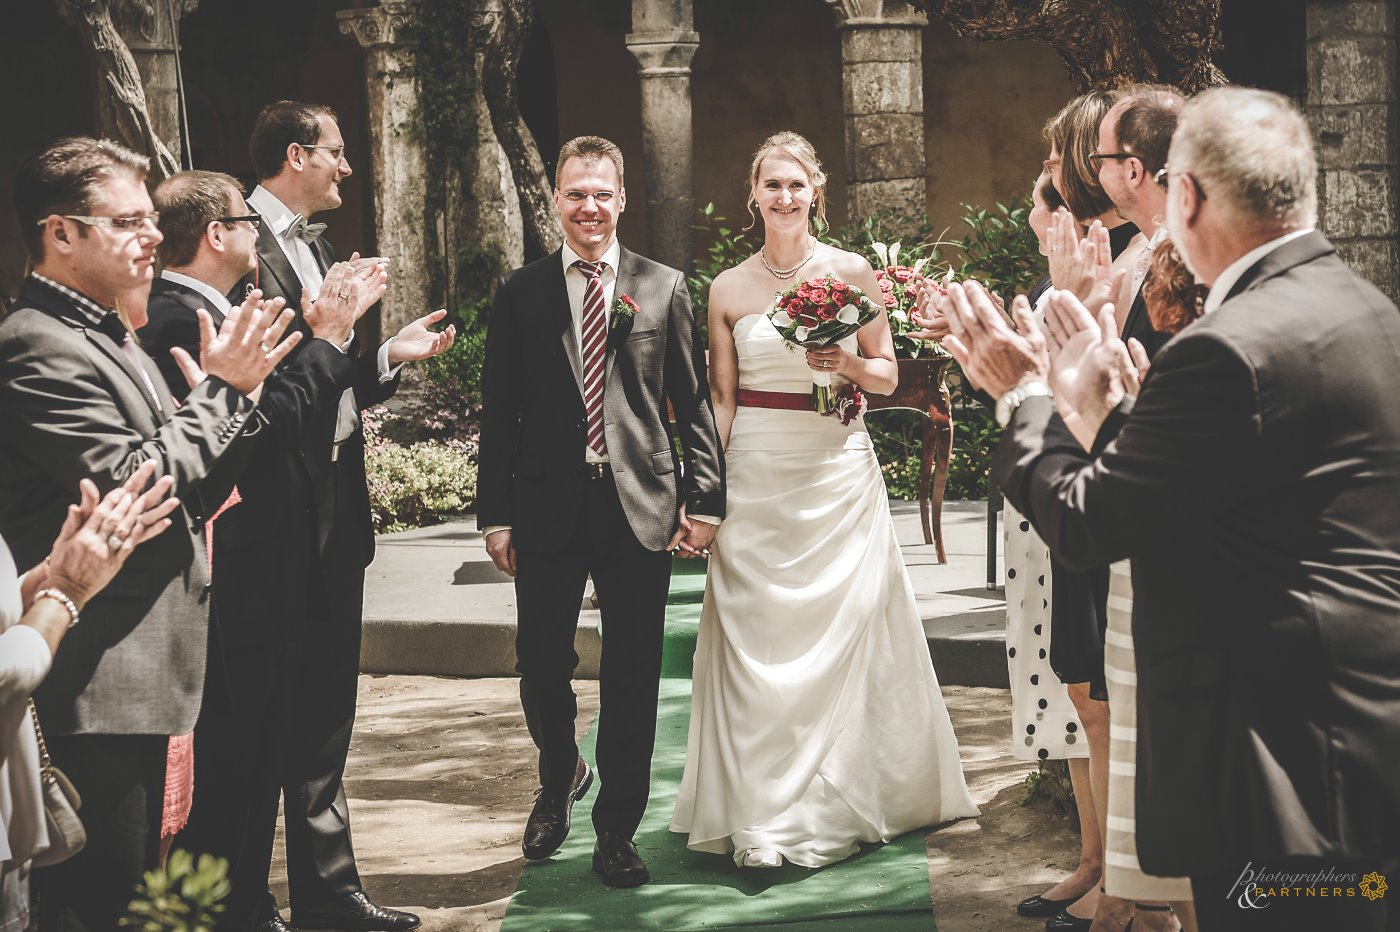 photographer_weddings_sorrento_12.jpg